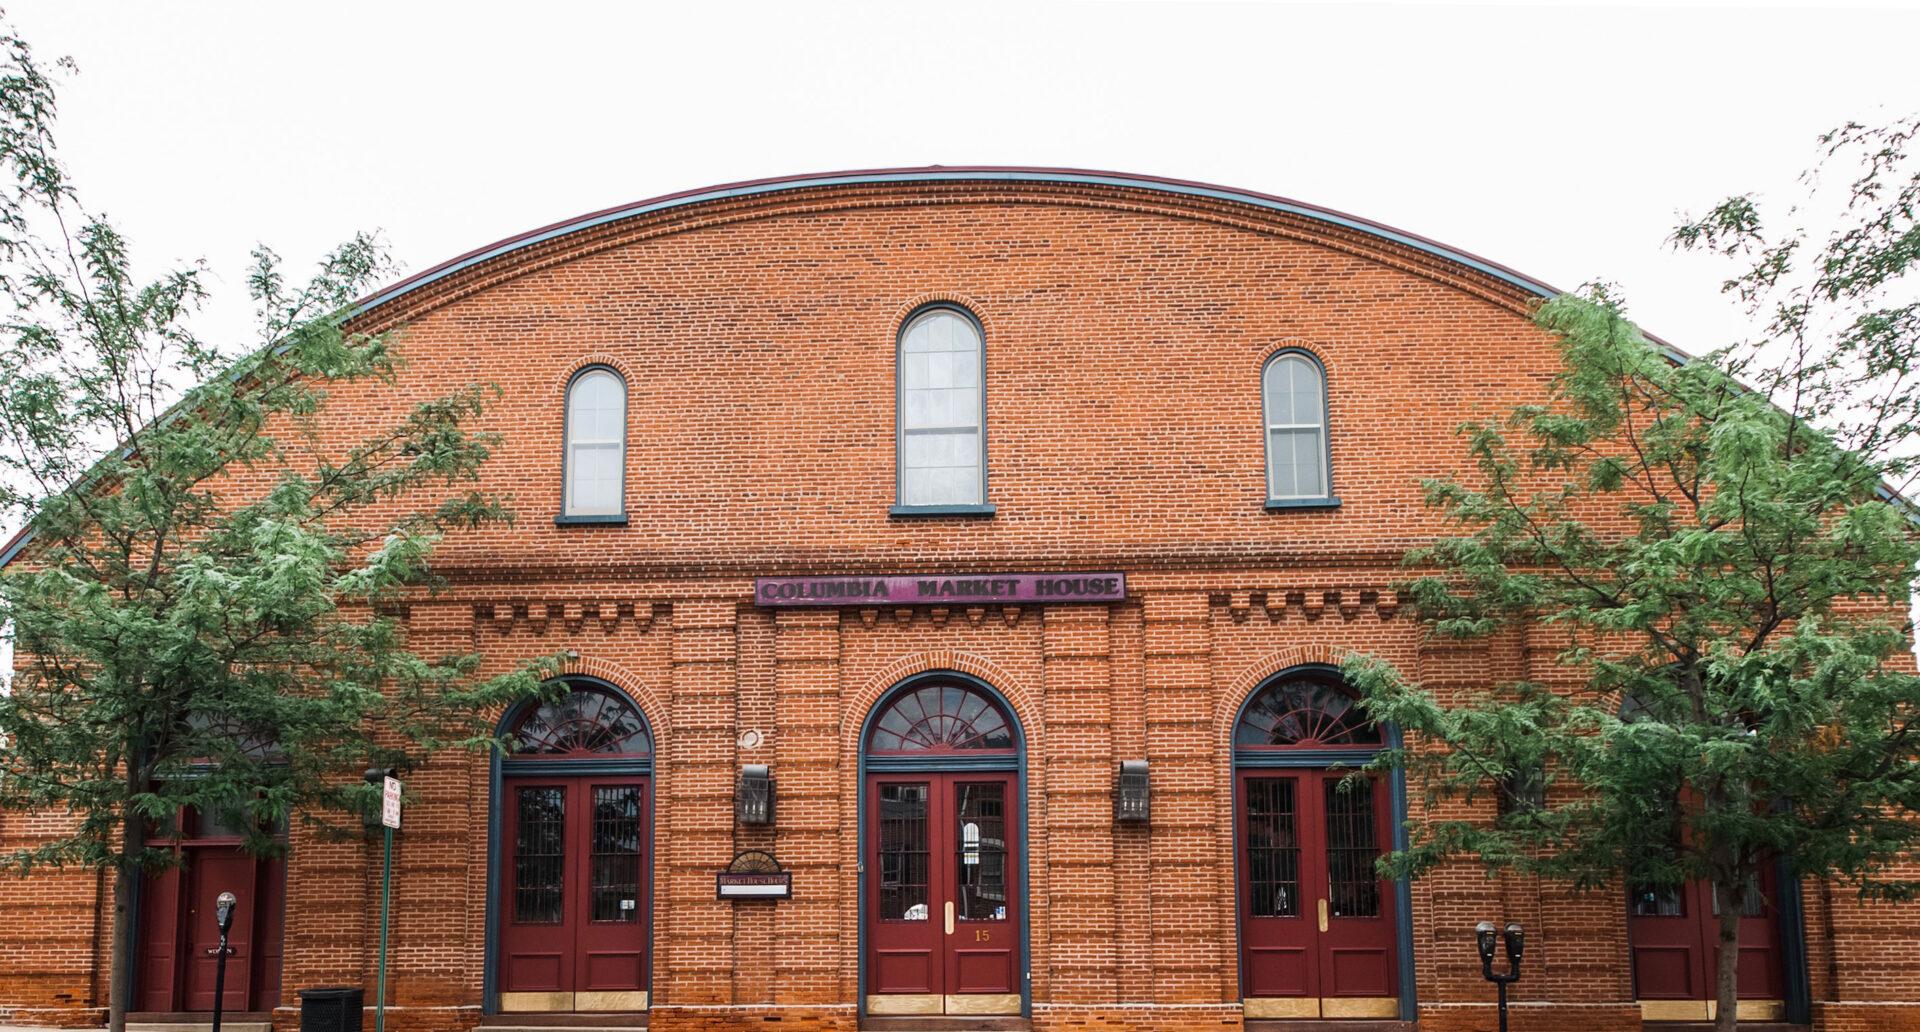 Columbia Market House (Source: Columbiapamarkethouse.org)